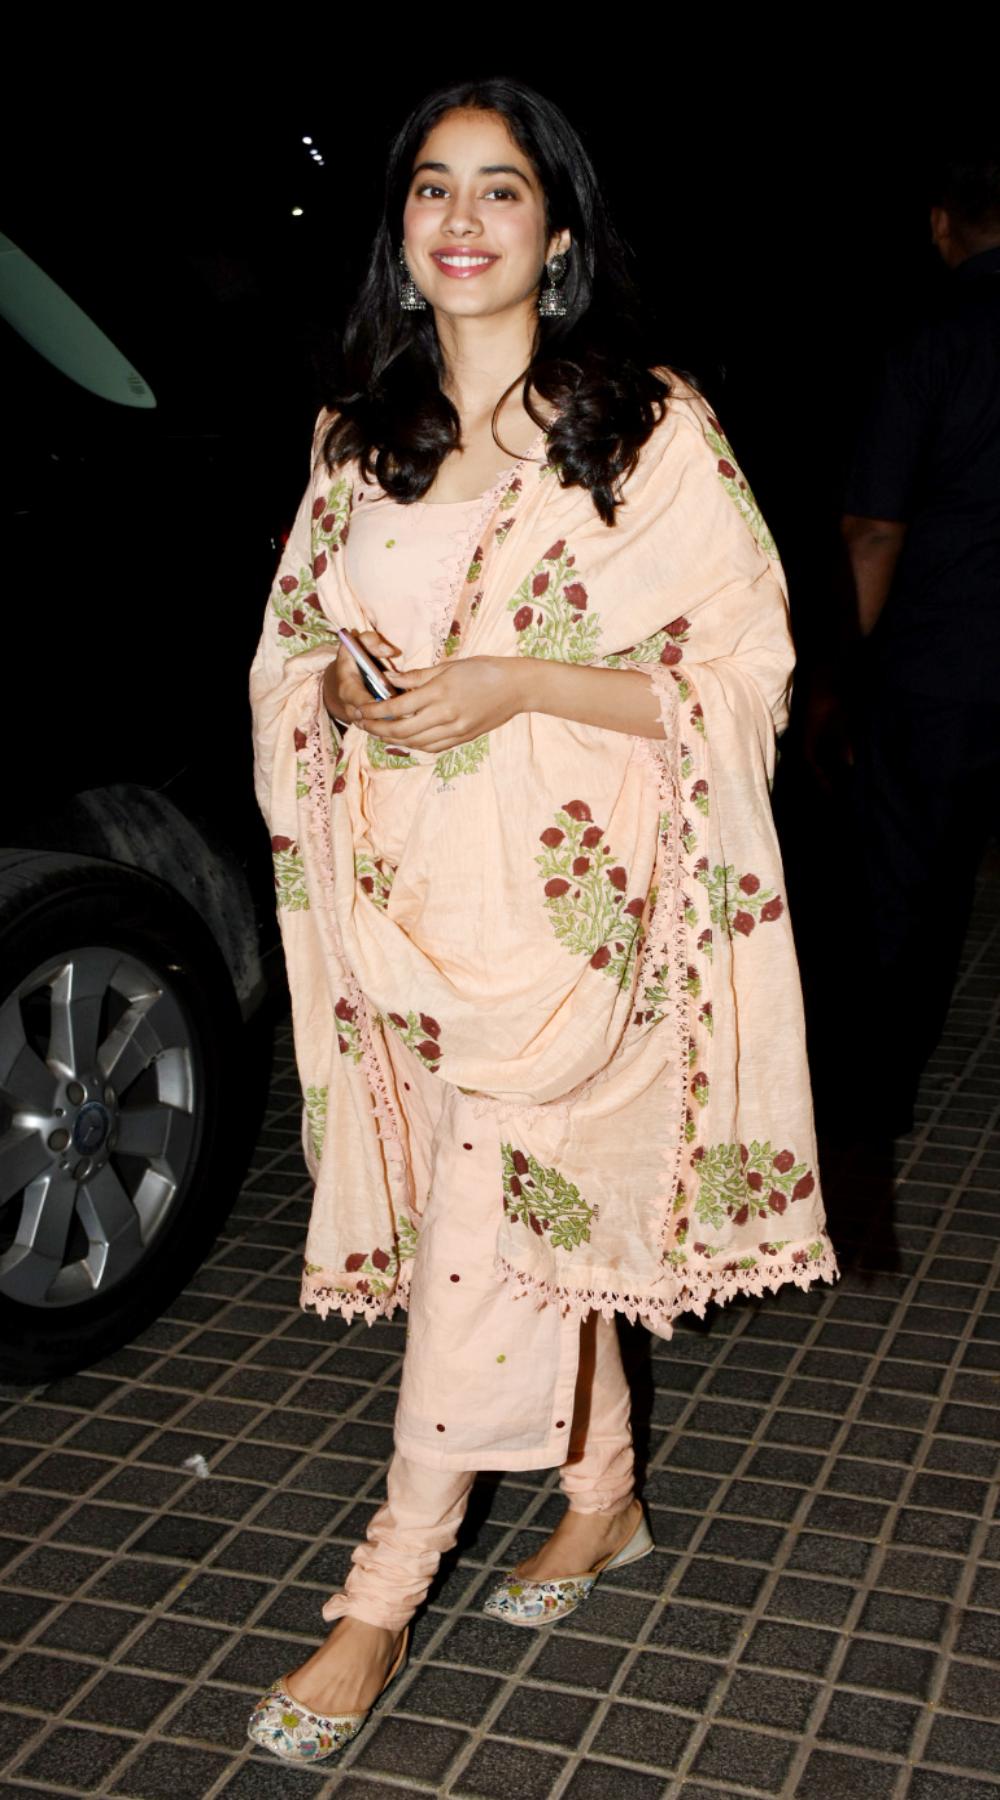 Janhvi Kapoor at India's Most Wanted screening.